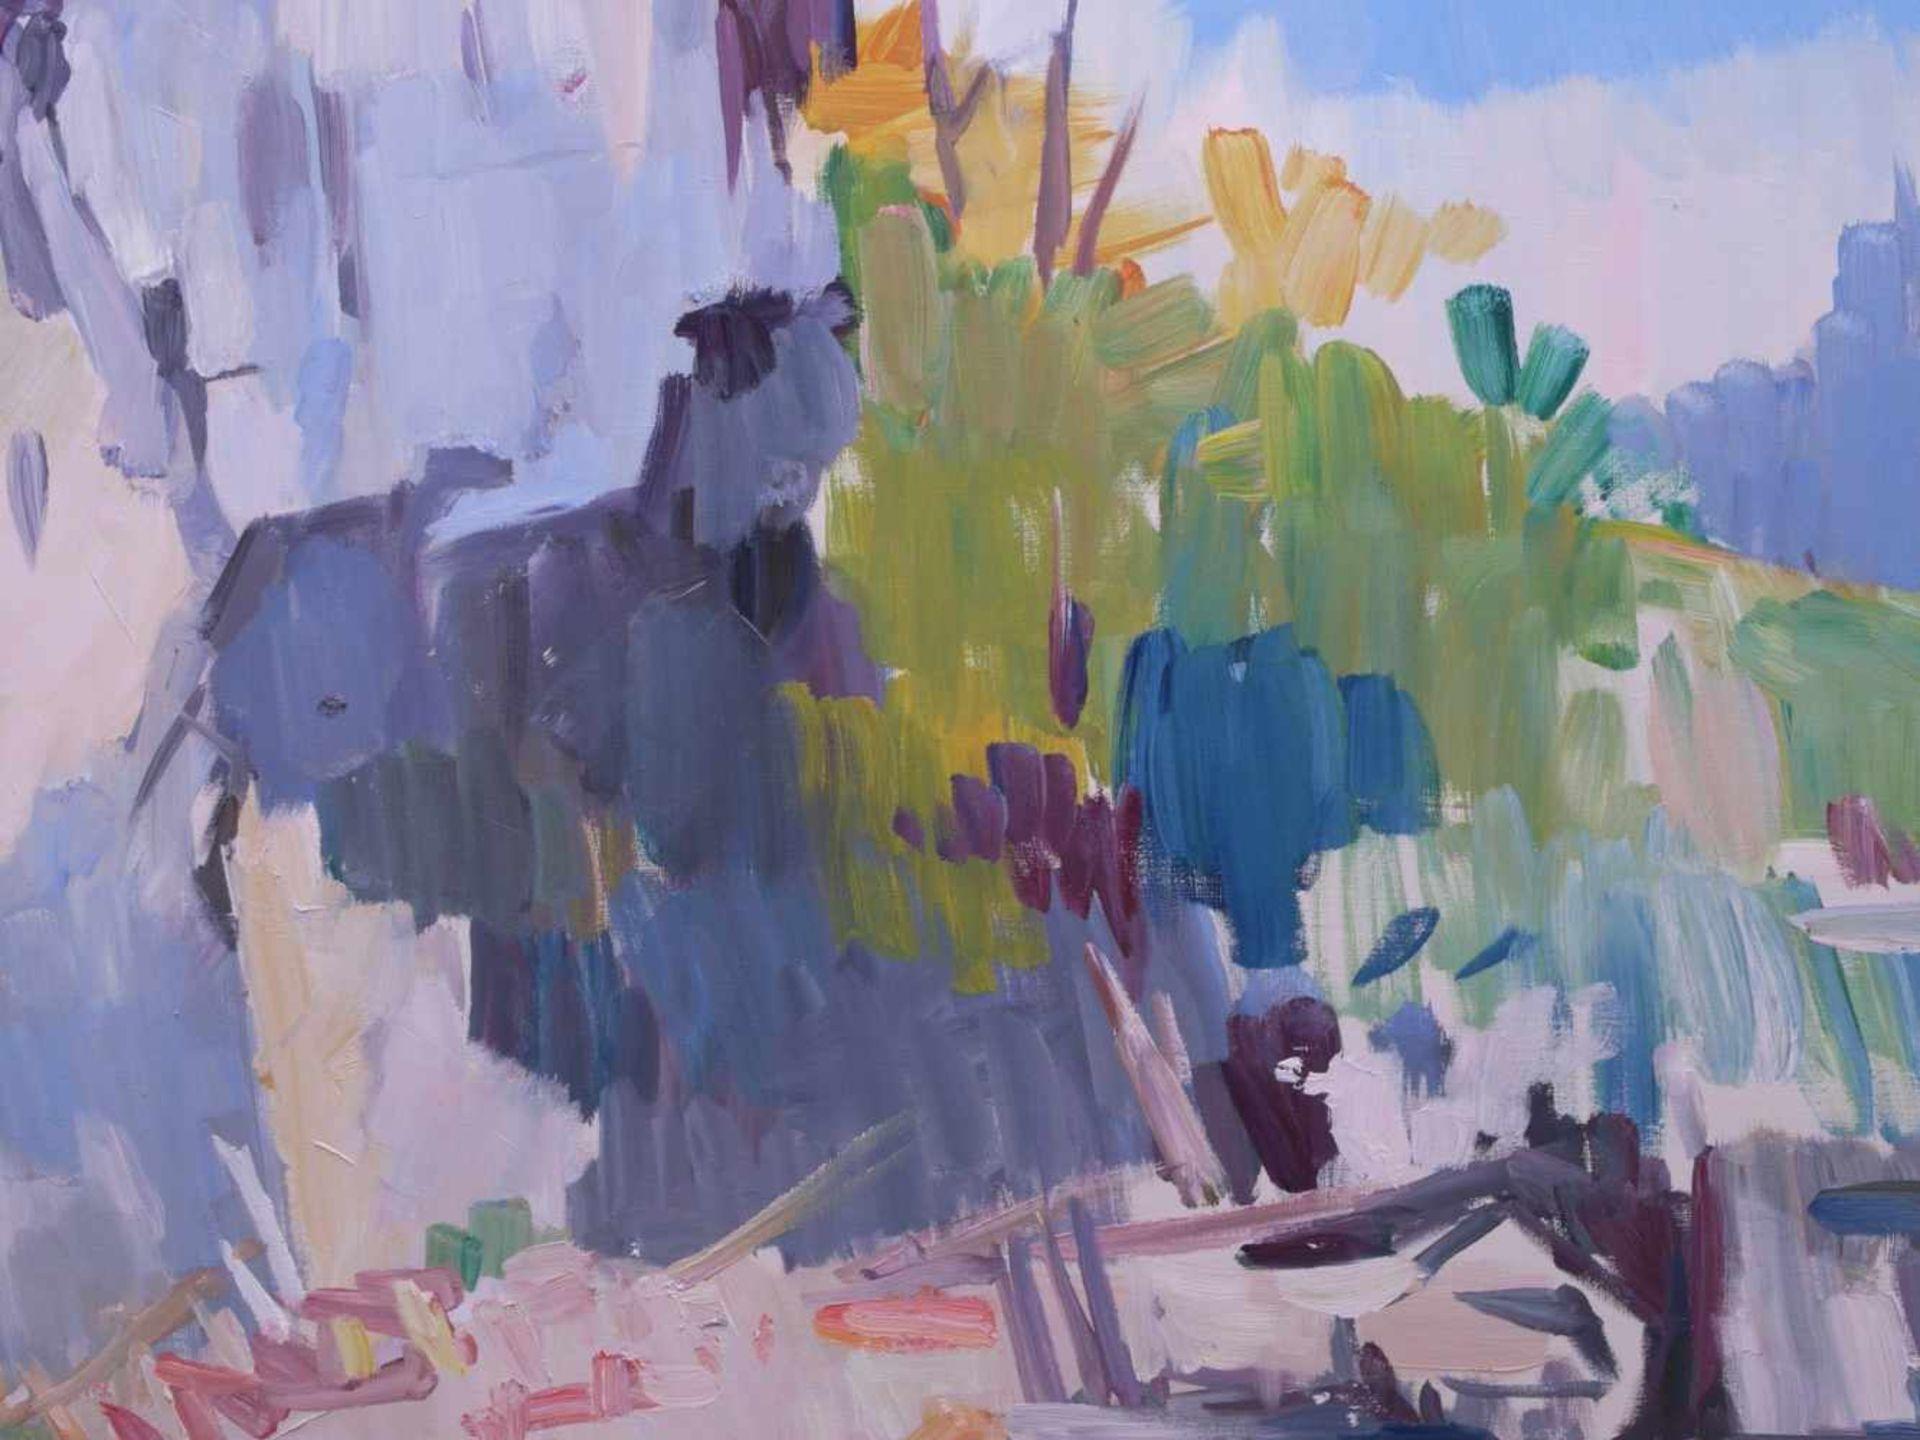 Pallas, Reinhold (1901-1970) - Meeresbucht im SonnenscheinIn schnellem, impressionistischen Stil - Bild 2 aus 3